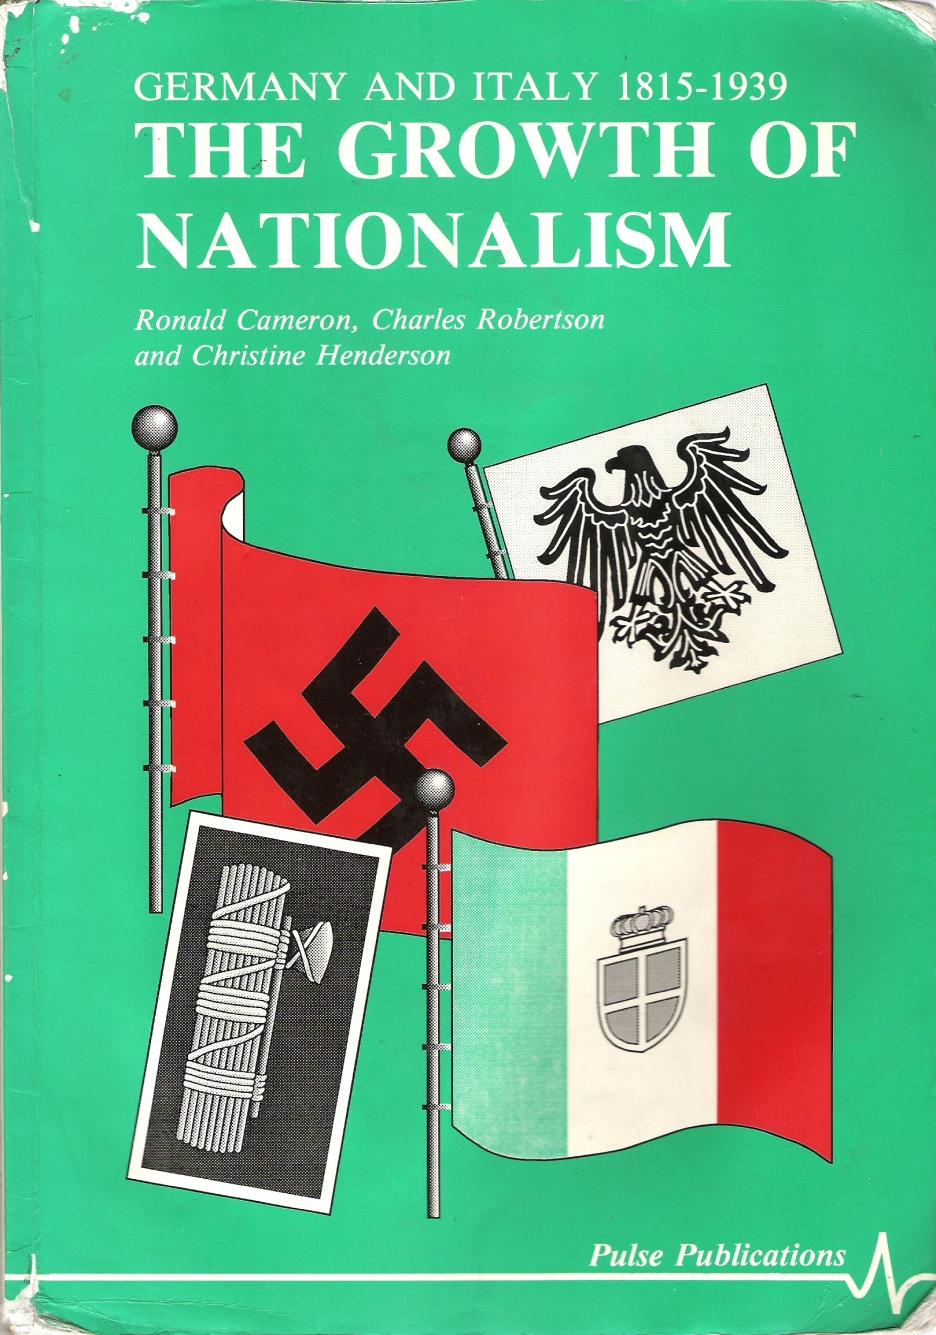 IL PALIO DI SIENA E IL NAZIONALISMO ITALIANO